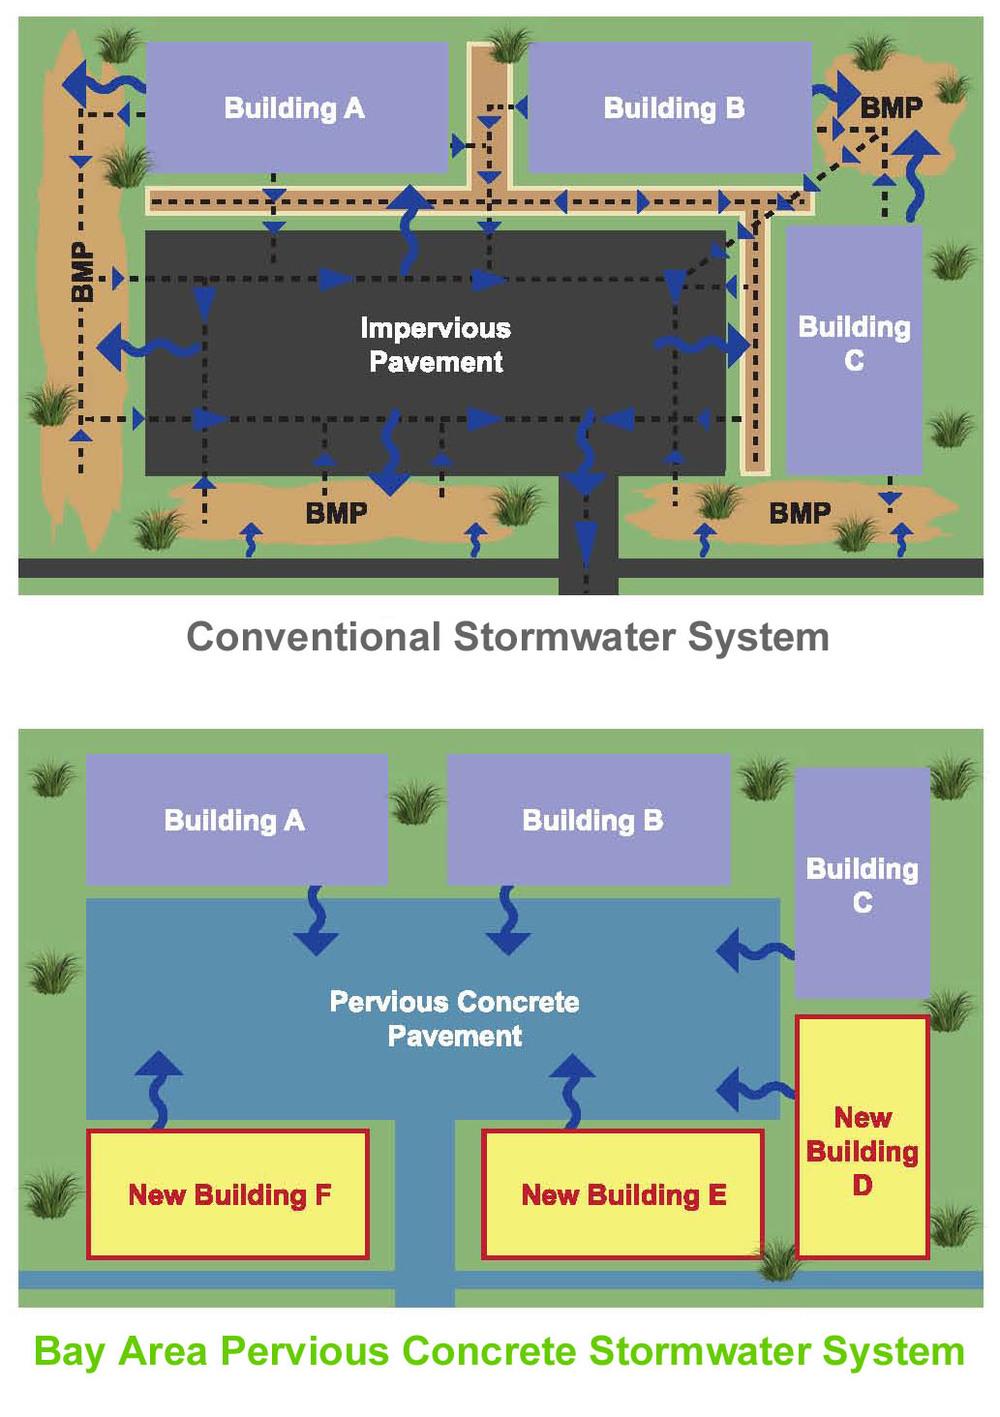 BAPC-Pervious Concrete stormwater system-maximize development